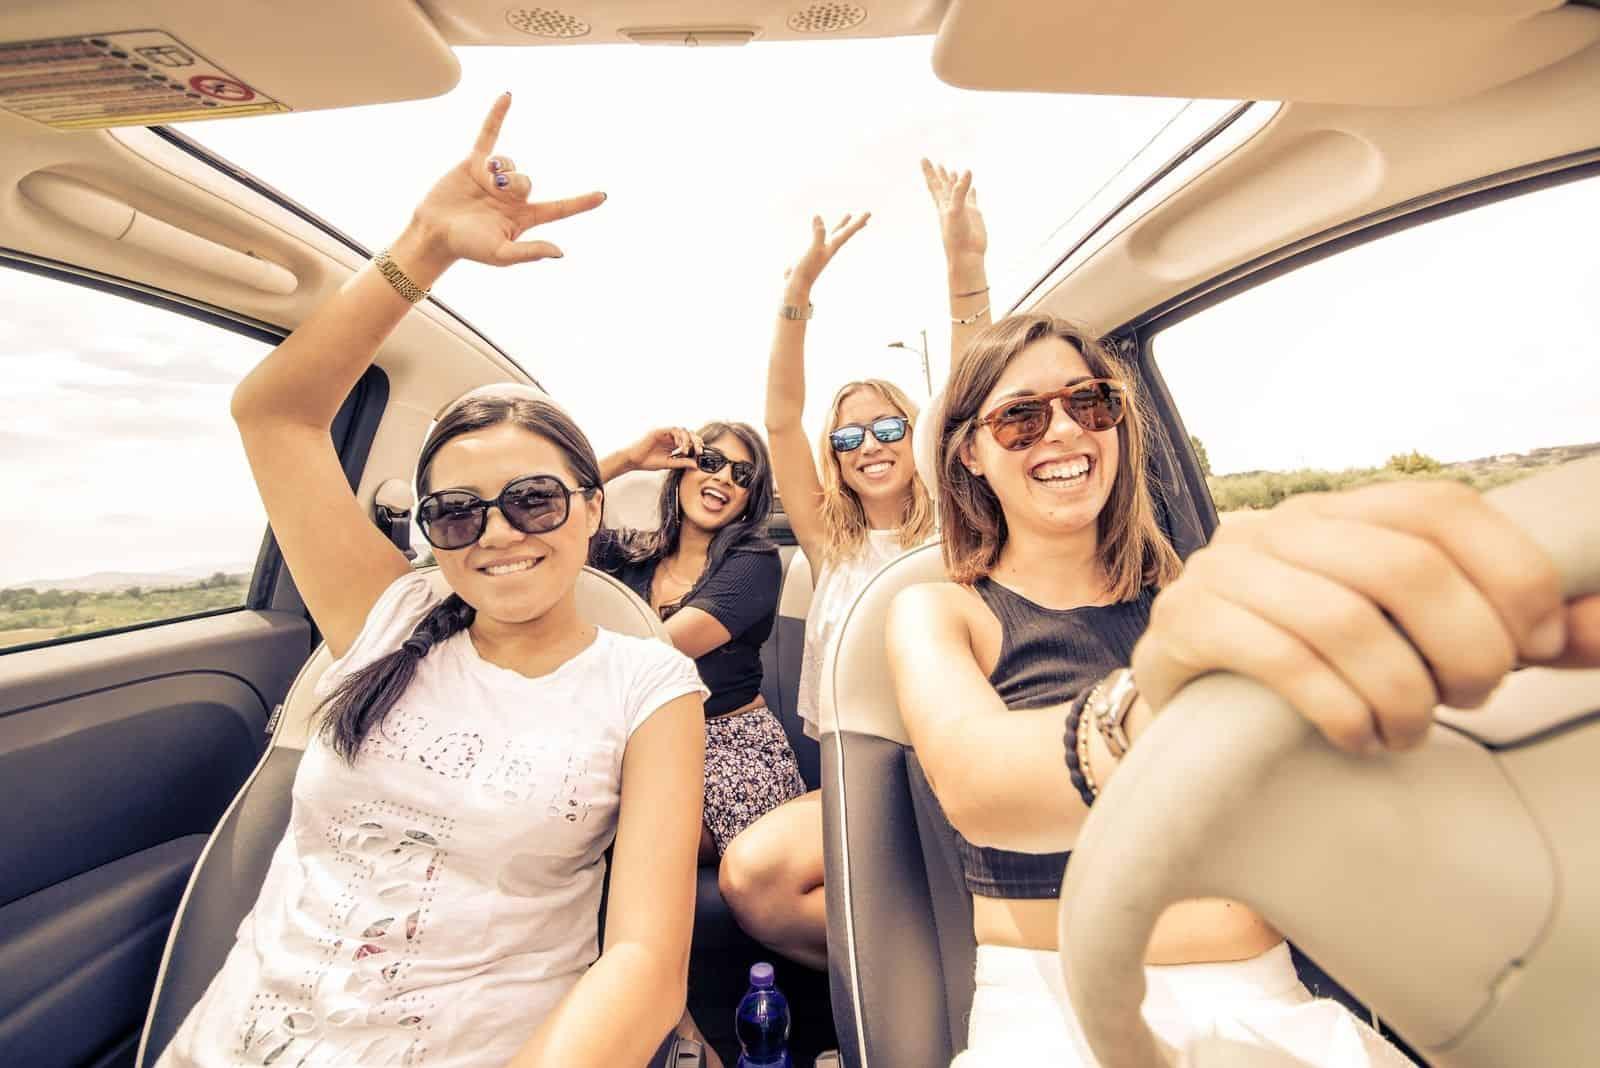 vier Mädchen fahren in einem Cabriolet